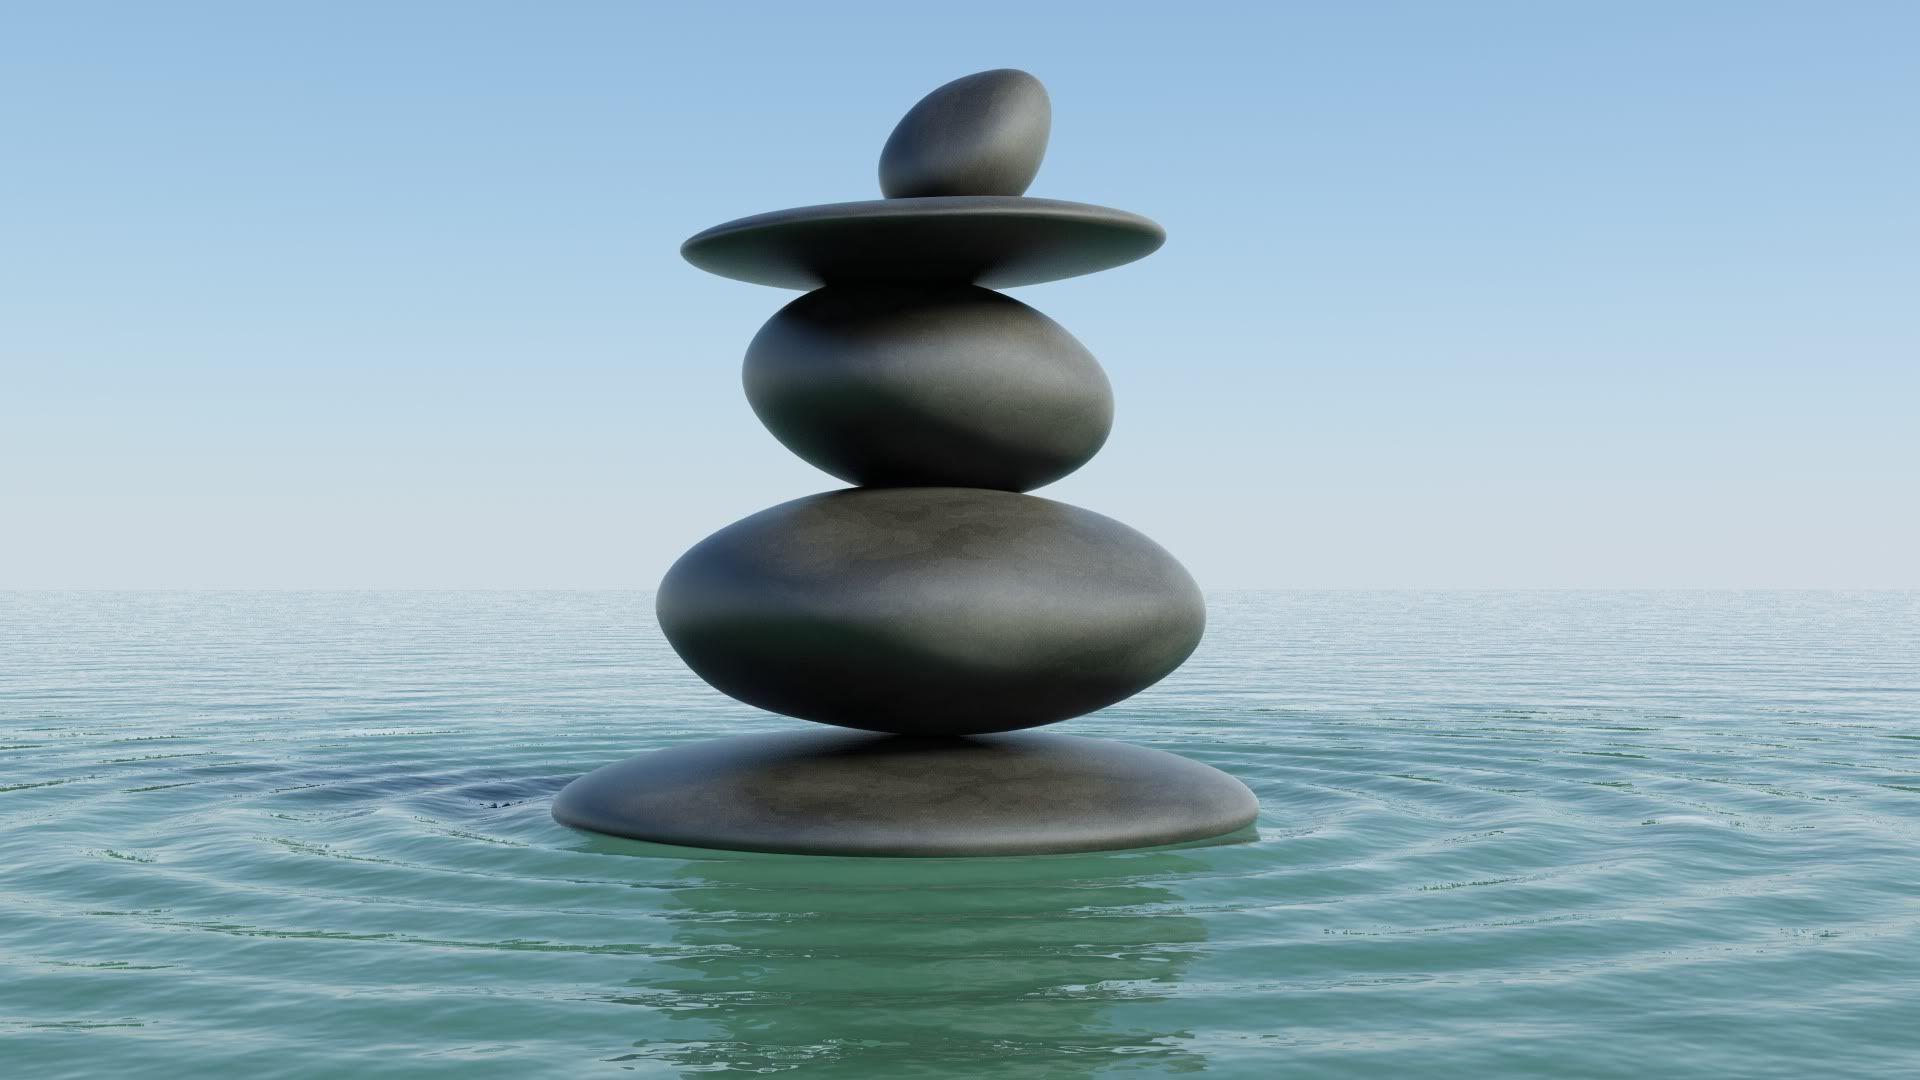 Meditation Free Desktop Wallpaper